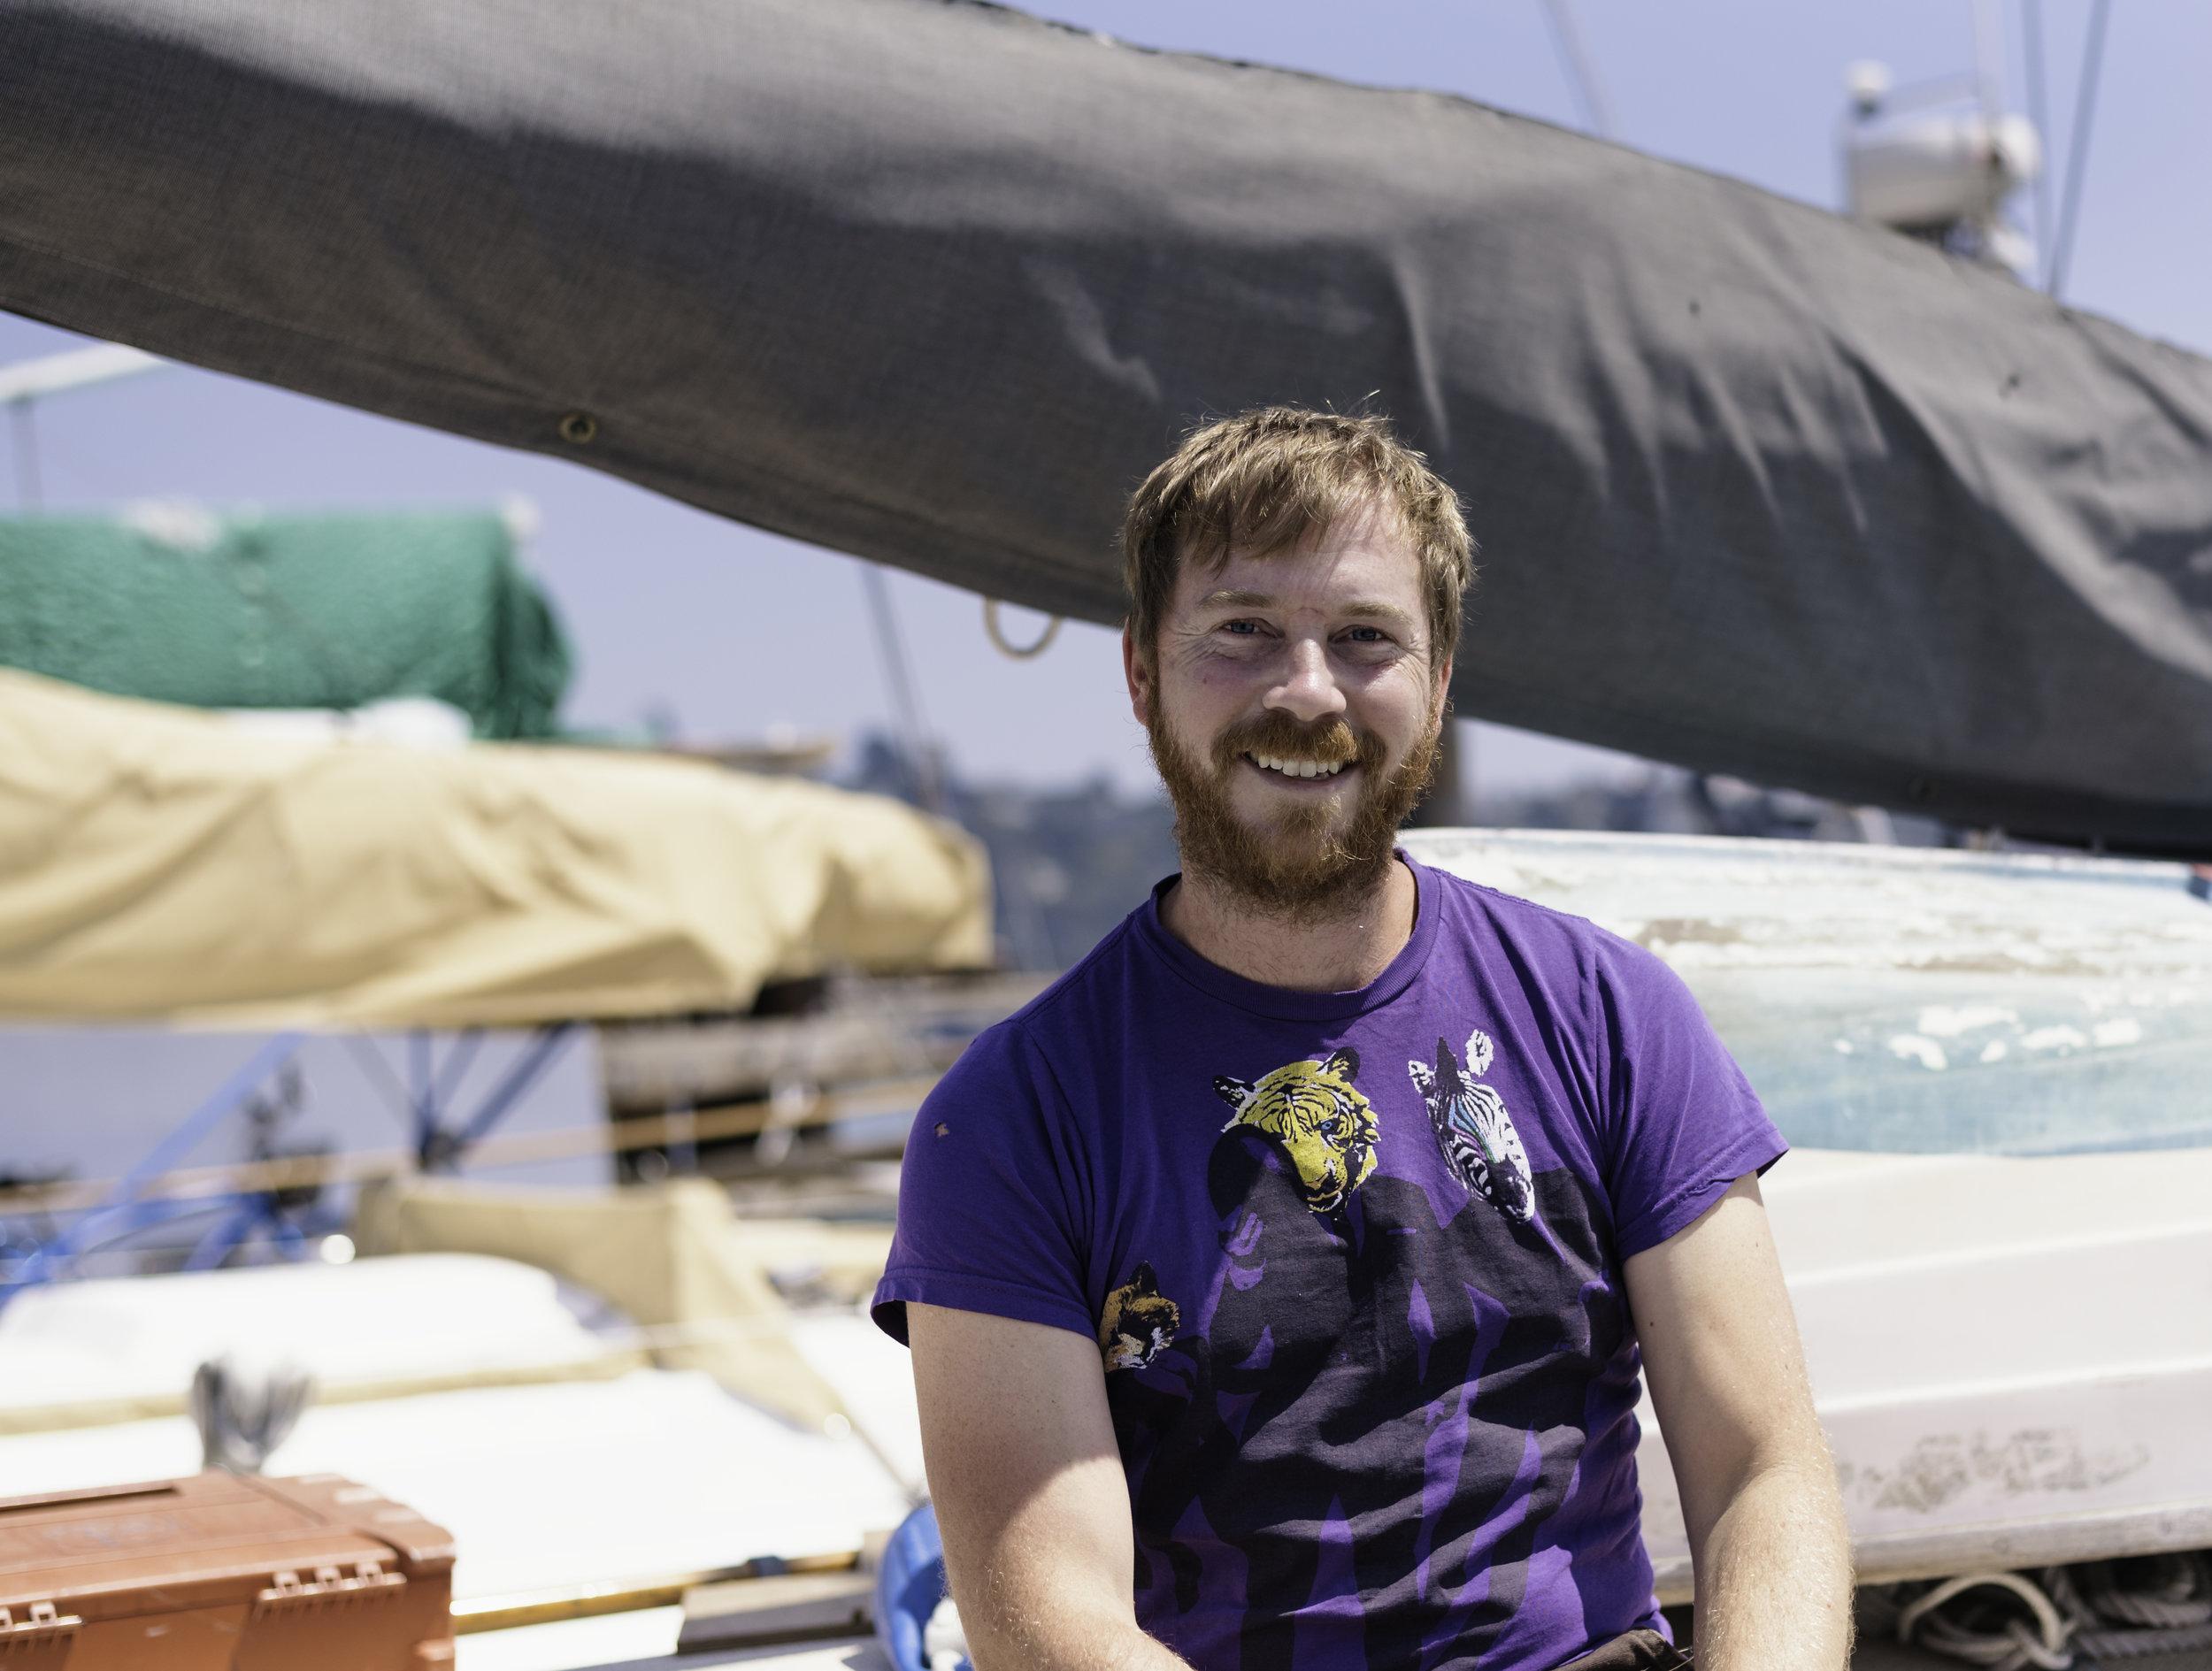 """Jeff Stanton - """"I restored my boat from the ground up. It took me 10 years.""""Jeff a quitté la côte Est il y a 10 ans avec une idée en tête : reconstruire un bateau de A à Z. En arrivant à Sausalito, il veut se donner les moyens de réussir. Il décide de ne pas prendre d'appartement (il fait du Couchsurfing au besoin) afin de se concentrer à 100% sur son projet. Il prend des cours d'architecture navale à Sausalito et se fait aider par la communauté. Aujourd'hui, Jeff a fini tout le travail de structure du bateau. Il lui reste à mettre en place le gréement et pense être prêt à naviguer l'année prochaine. Il fera une première étape à San Diego et réfléchit à un long périple pour ramener le bateau sur la côte Est en passant par le canal de Panama et le Golfe du Mexique."""